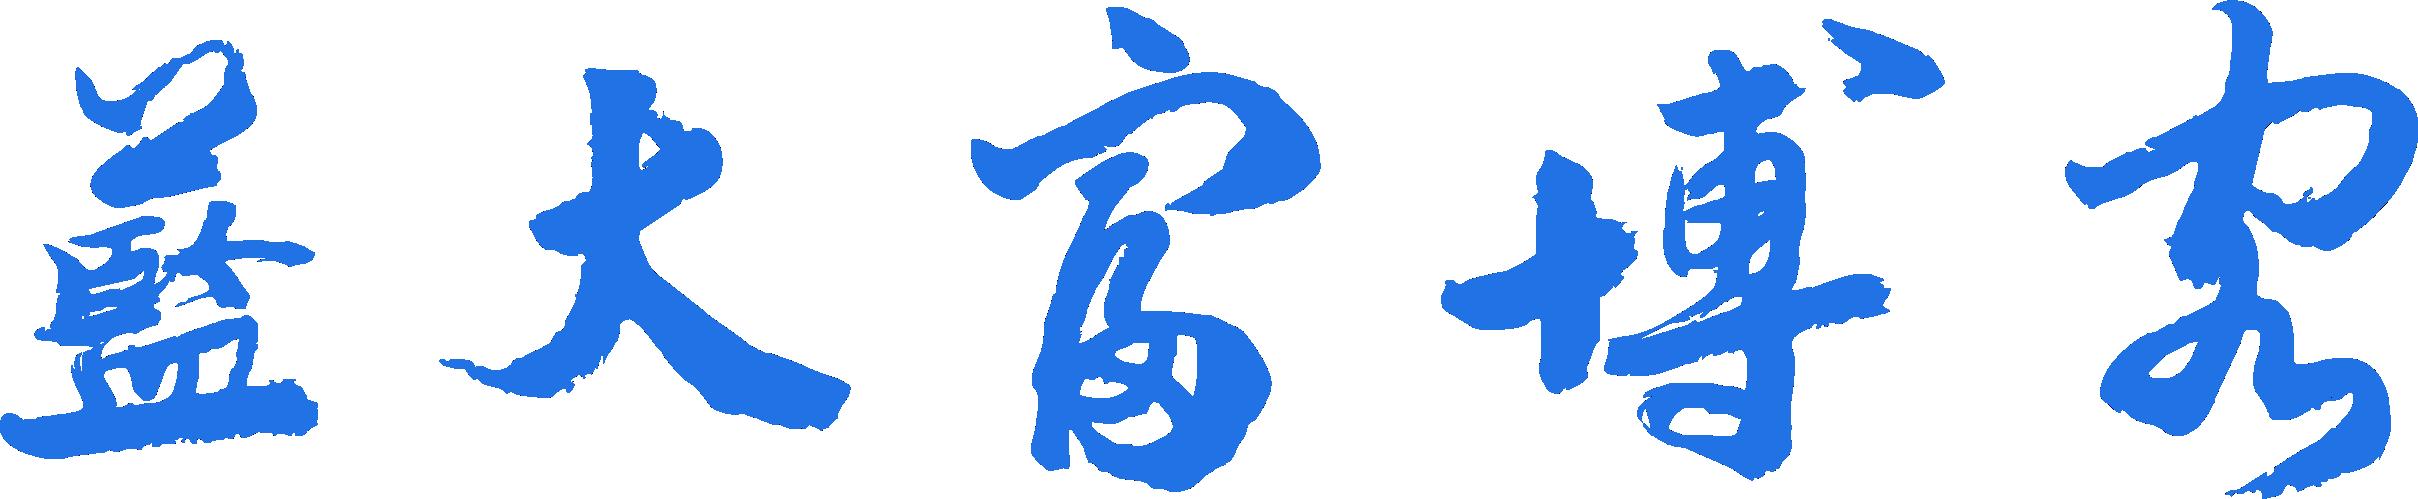 蓝大富博客